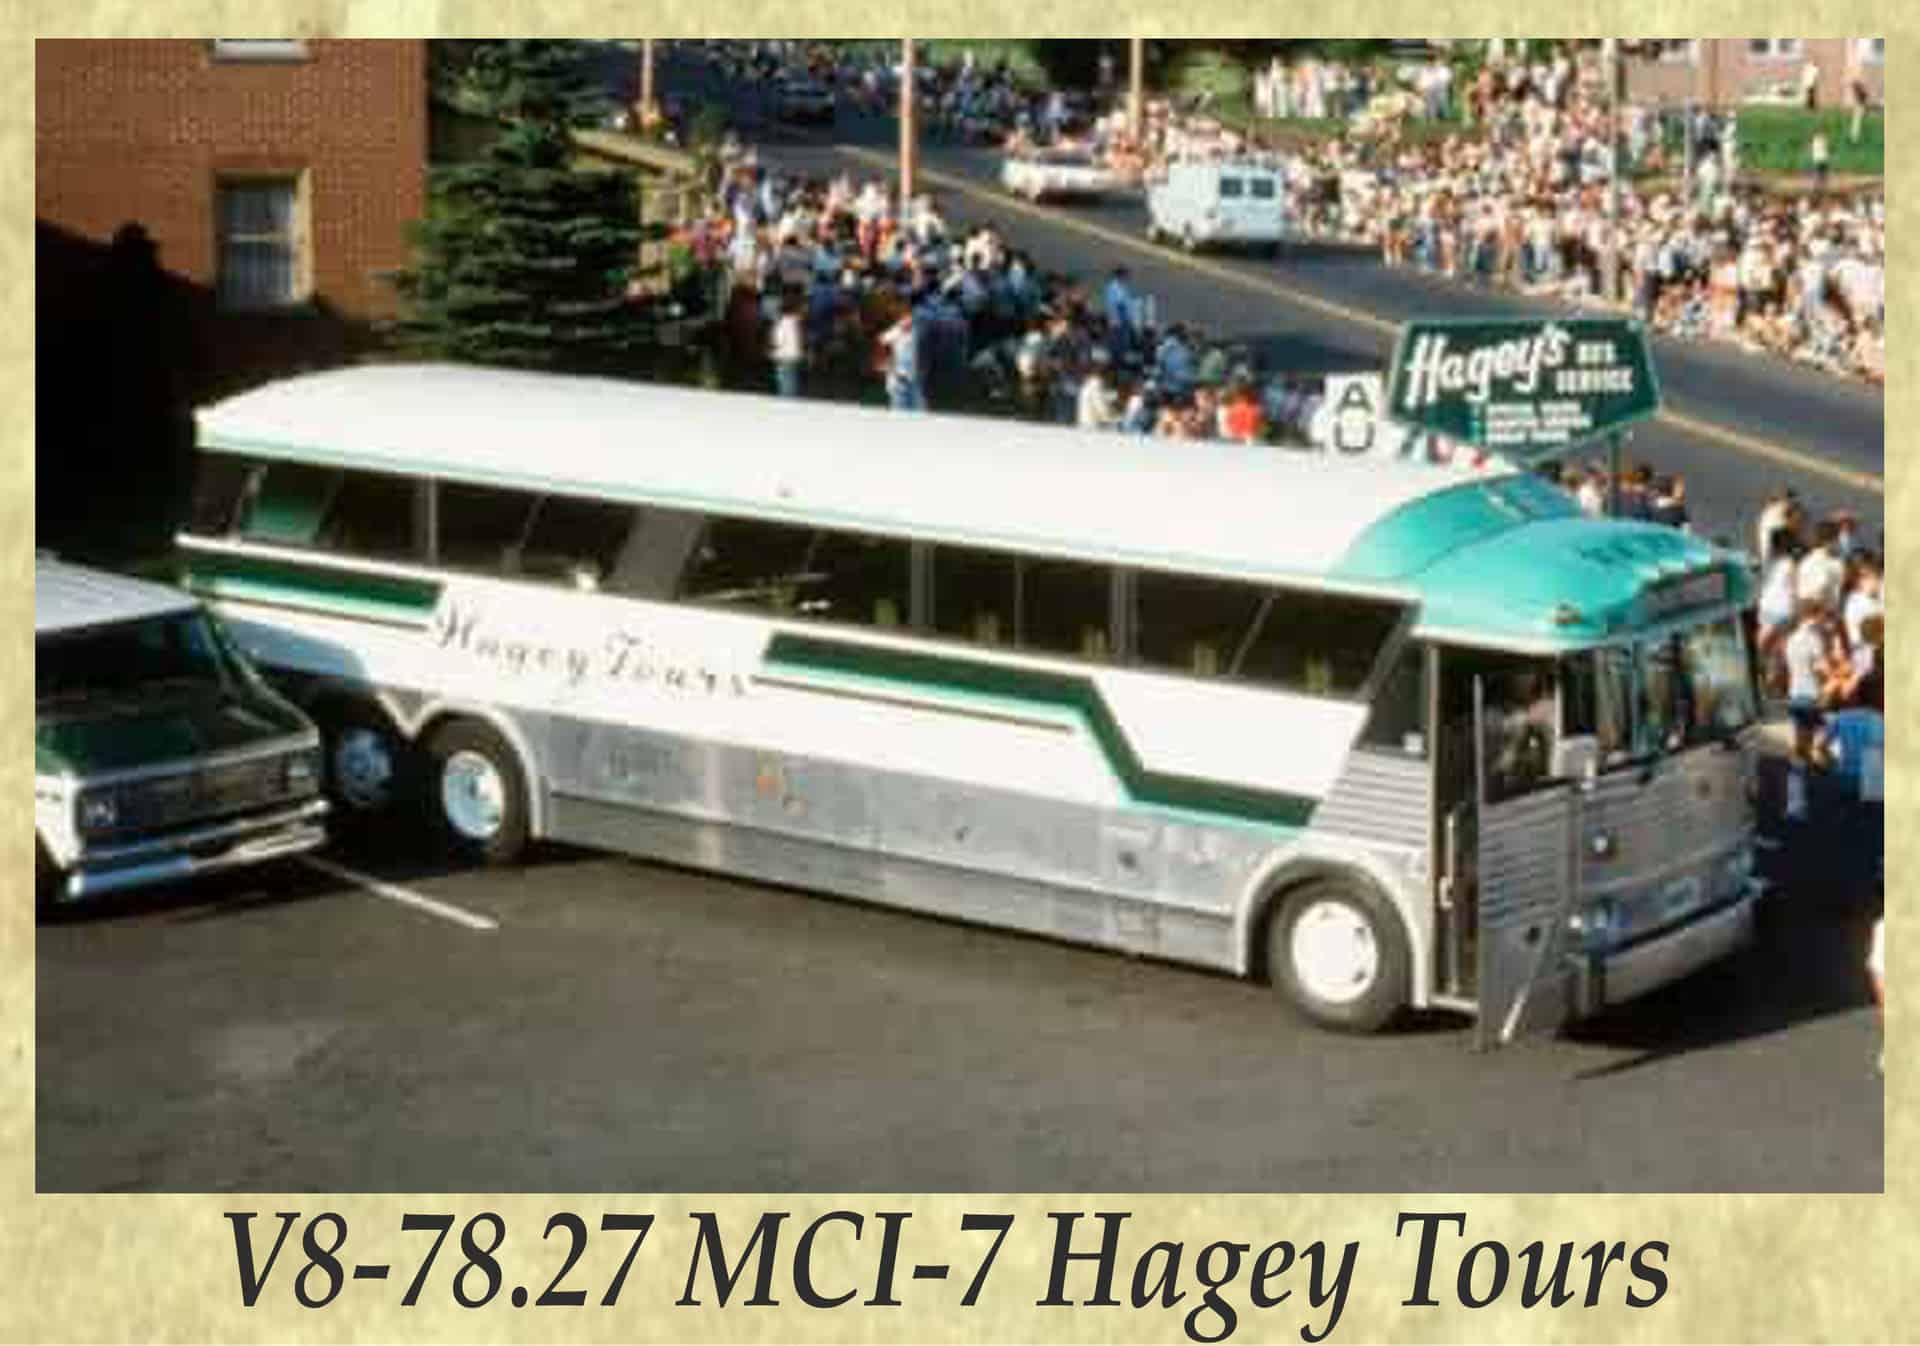 V8-78.27 MCI-7 Hagey Tours